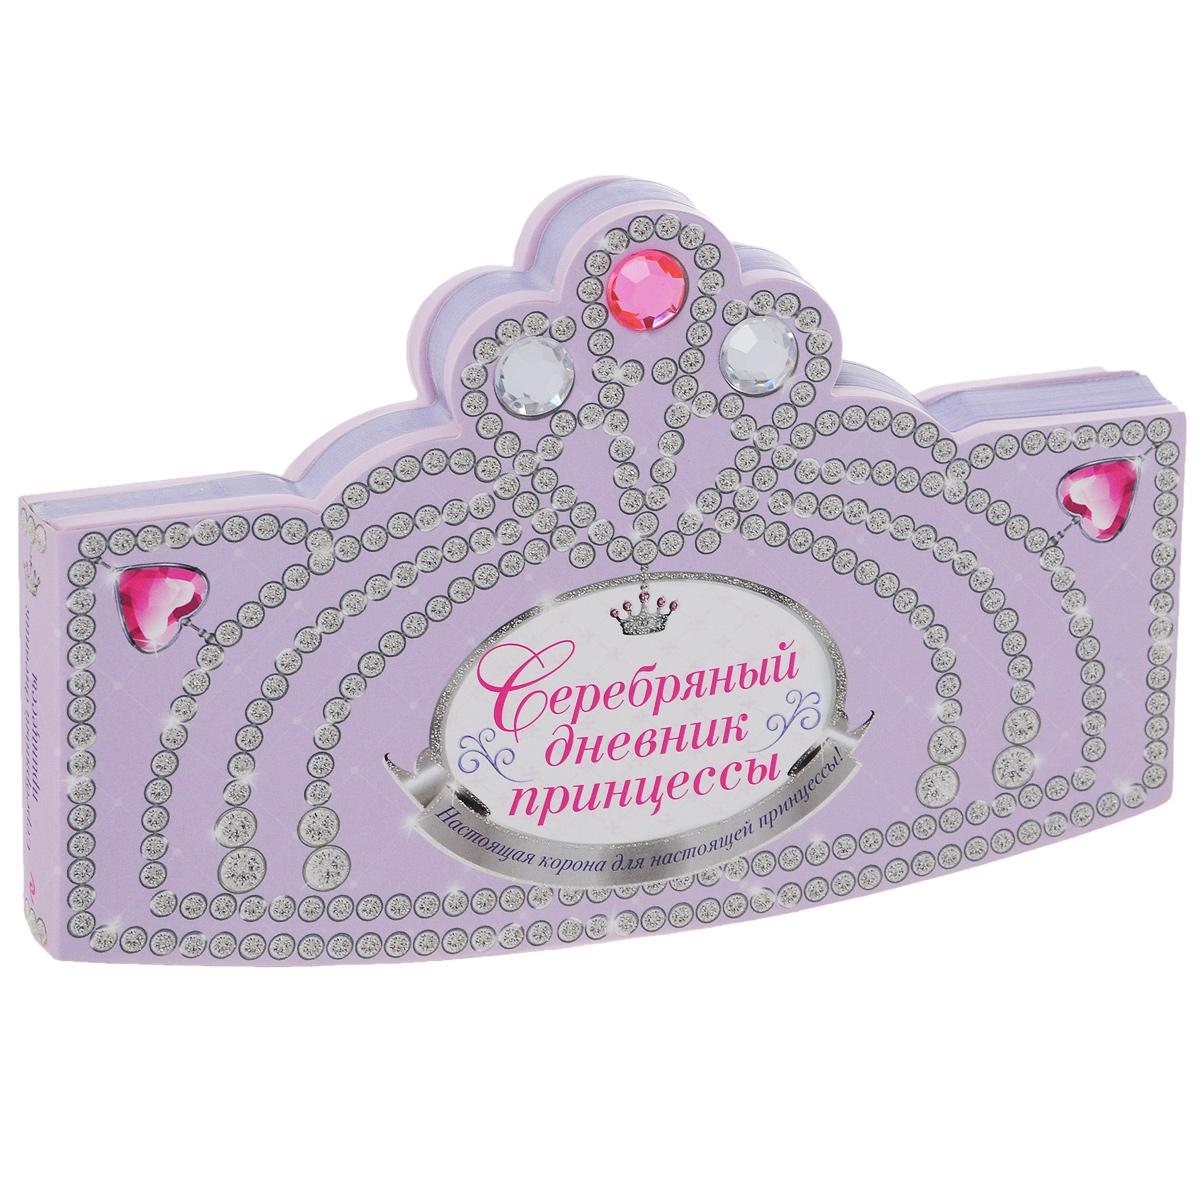 Серебряный дневник принцессы